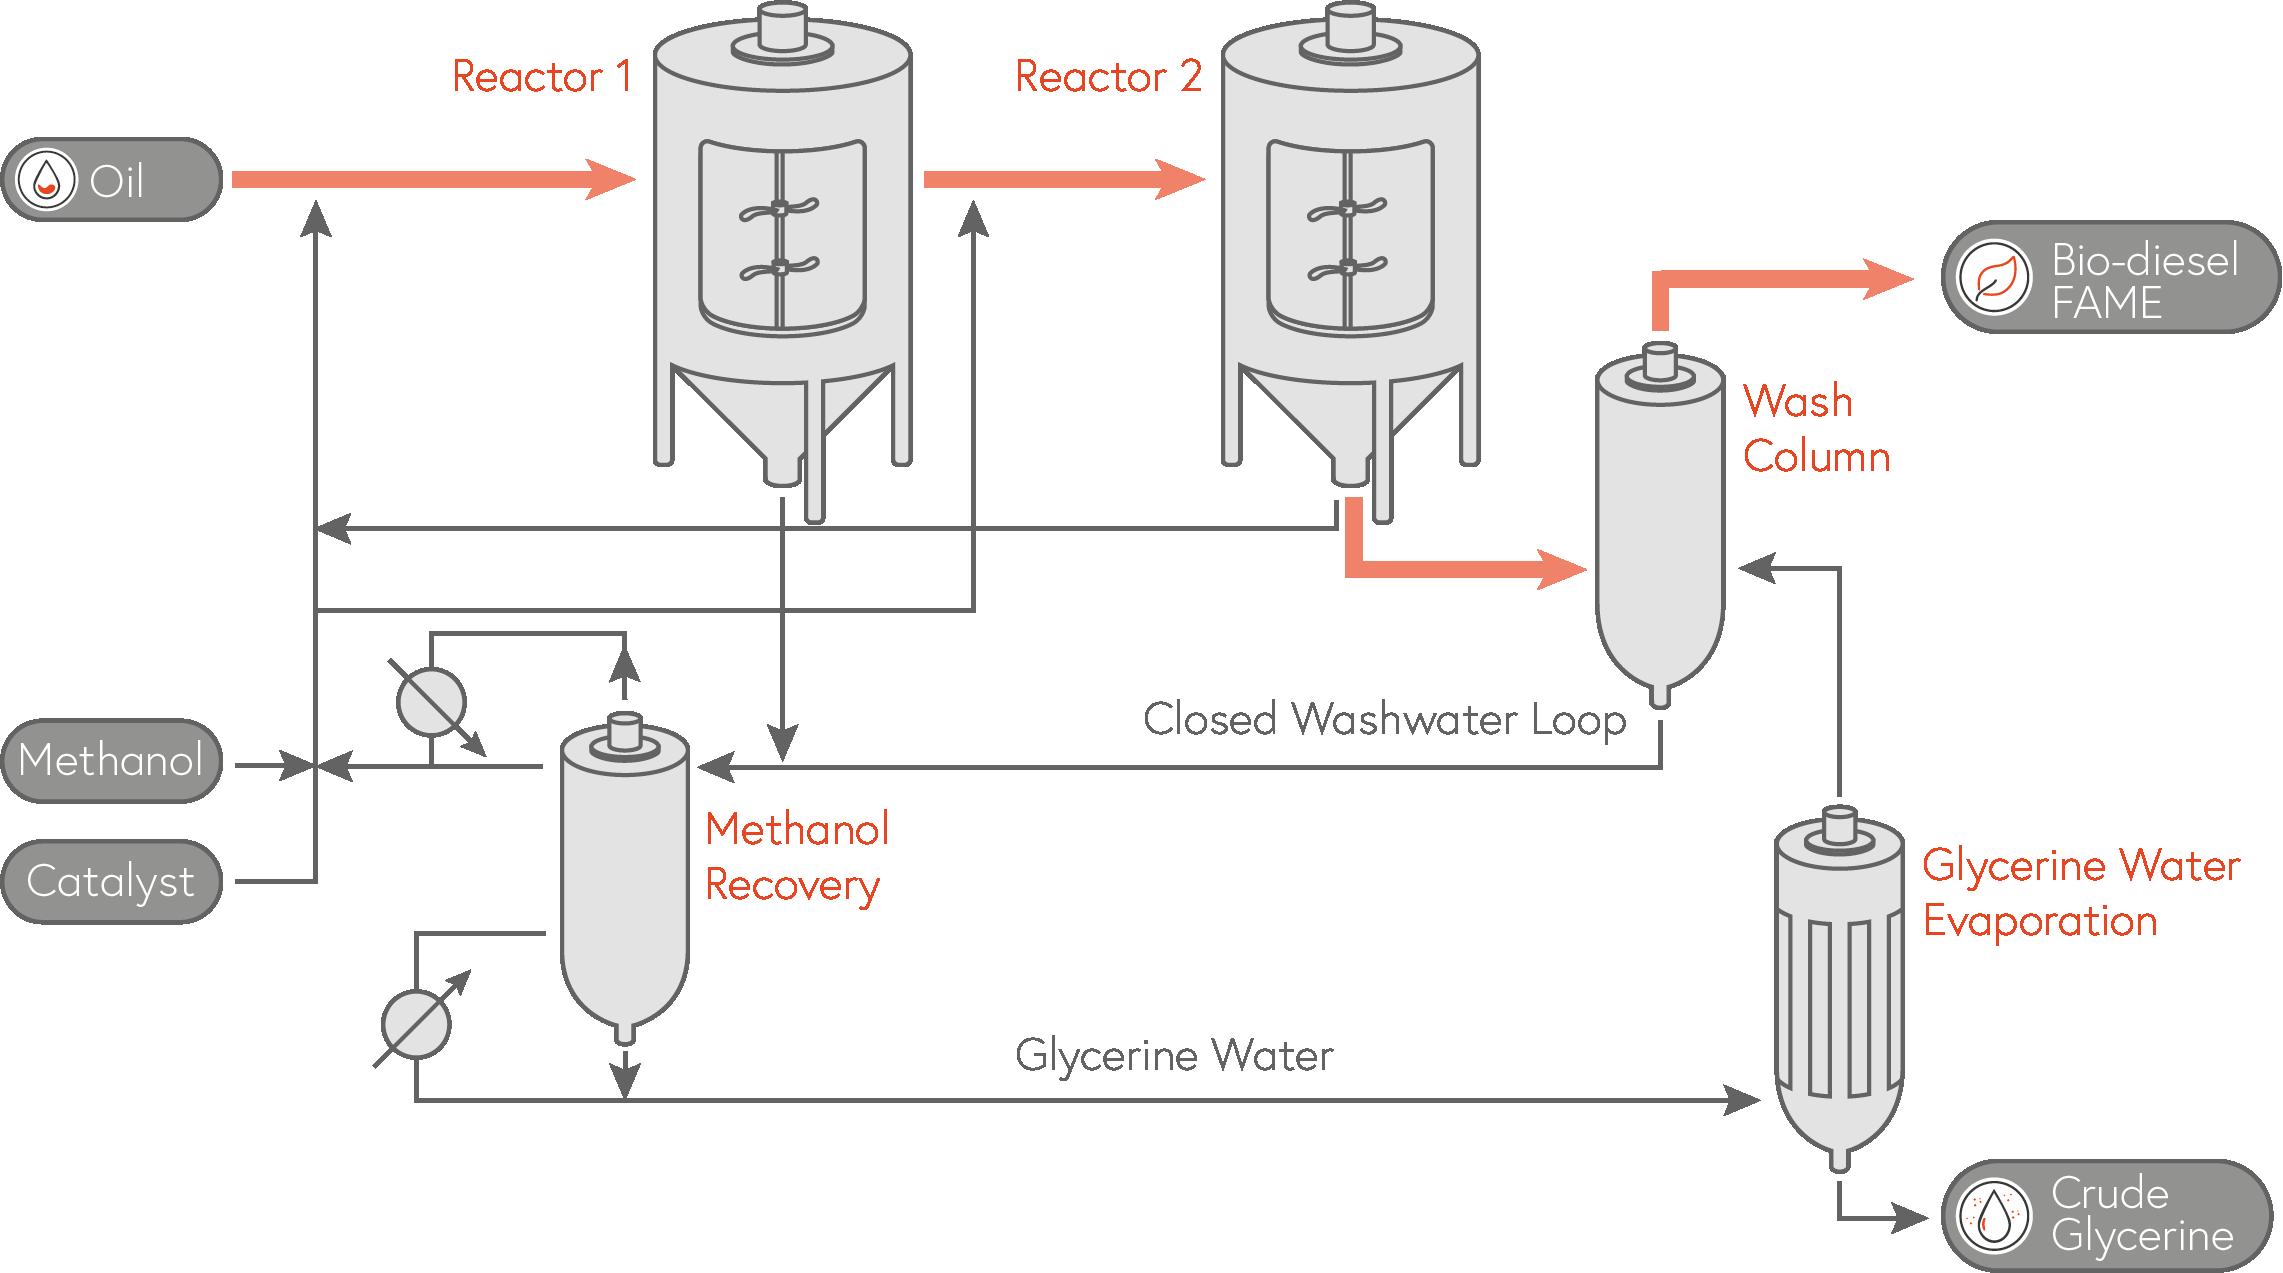 SIEBTECHNIK TEMA - Bio Diesel Production - Glycerine